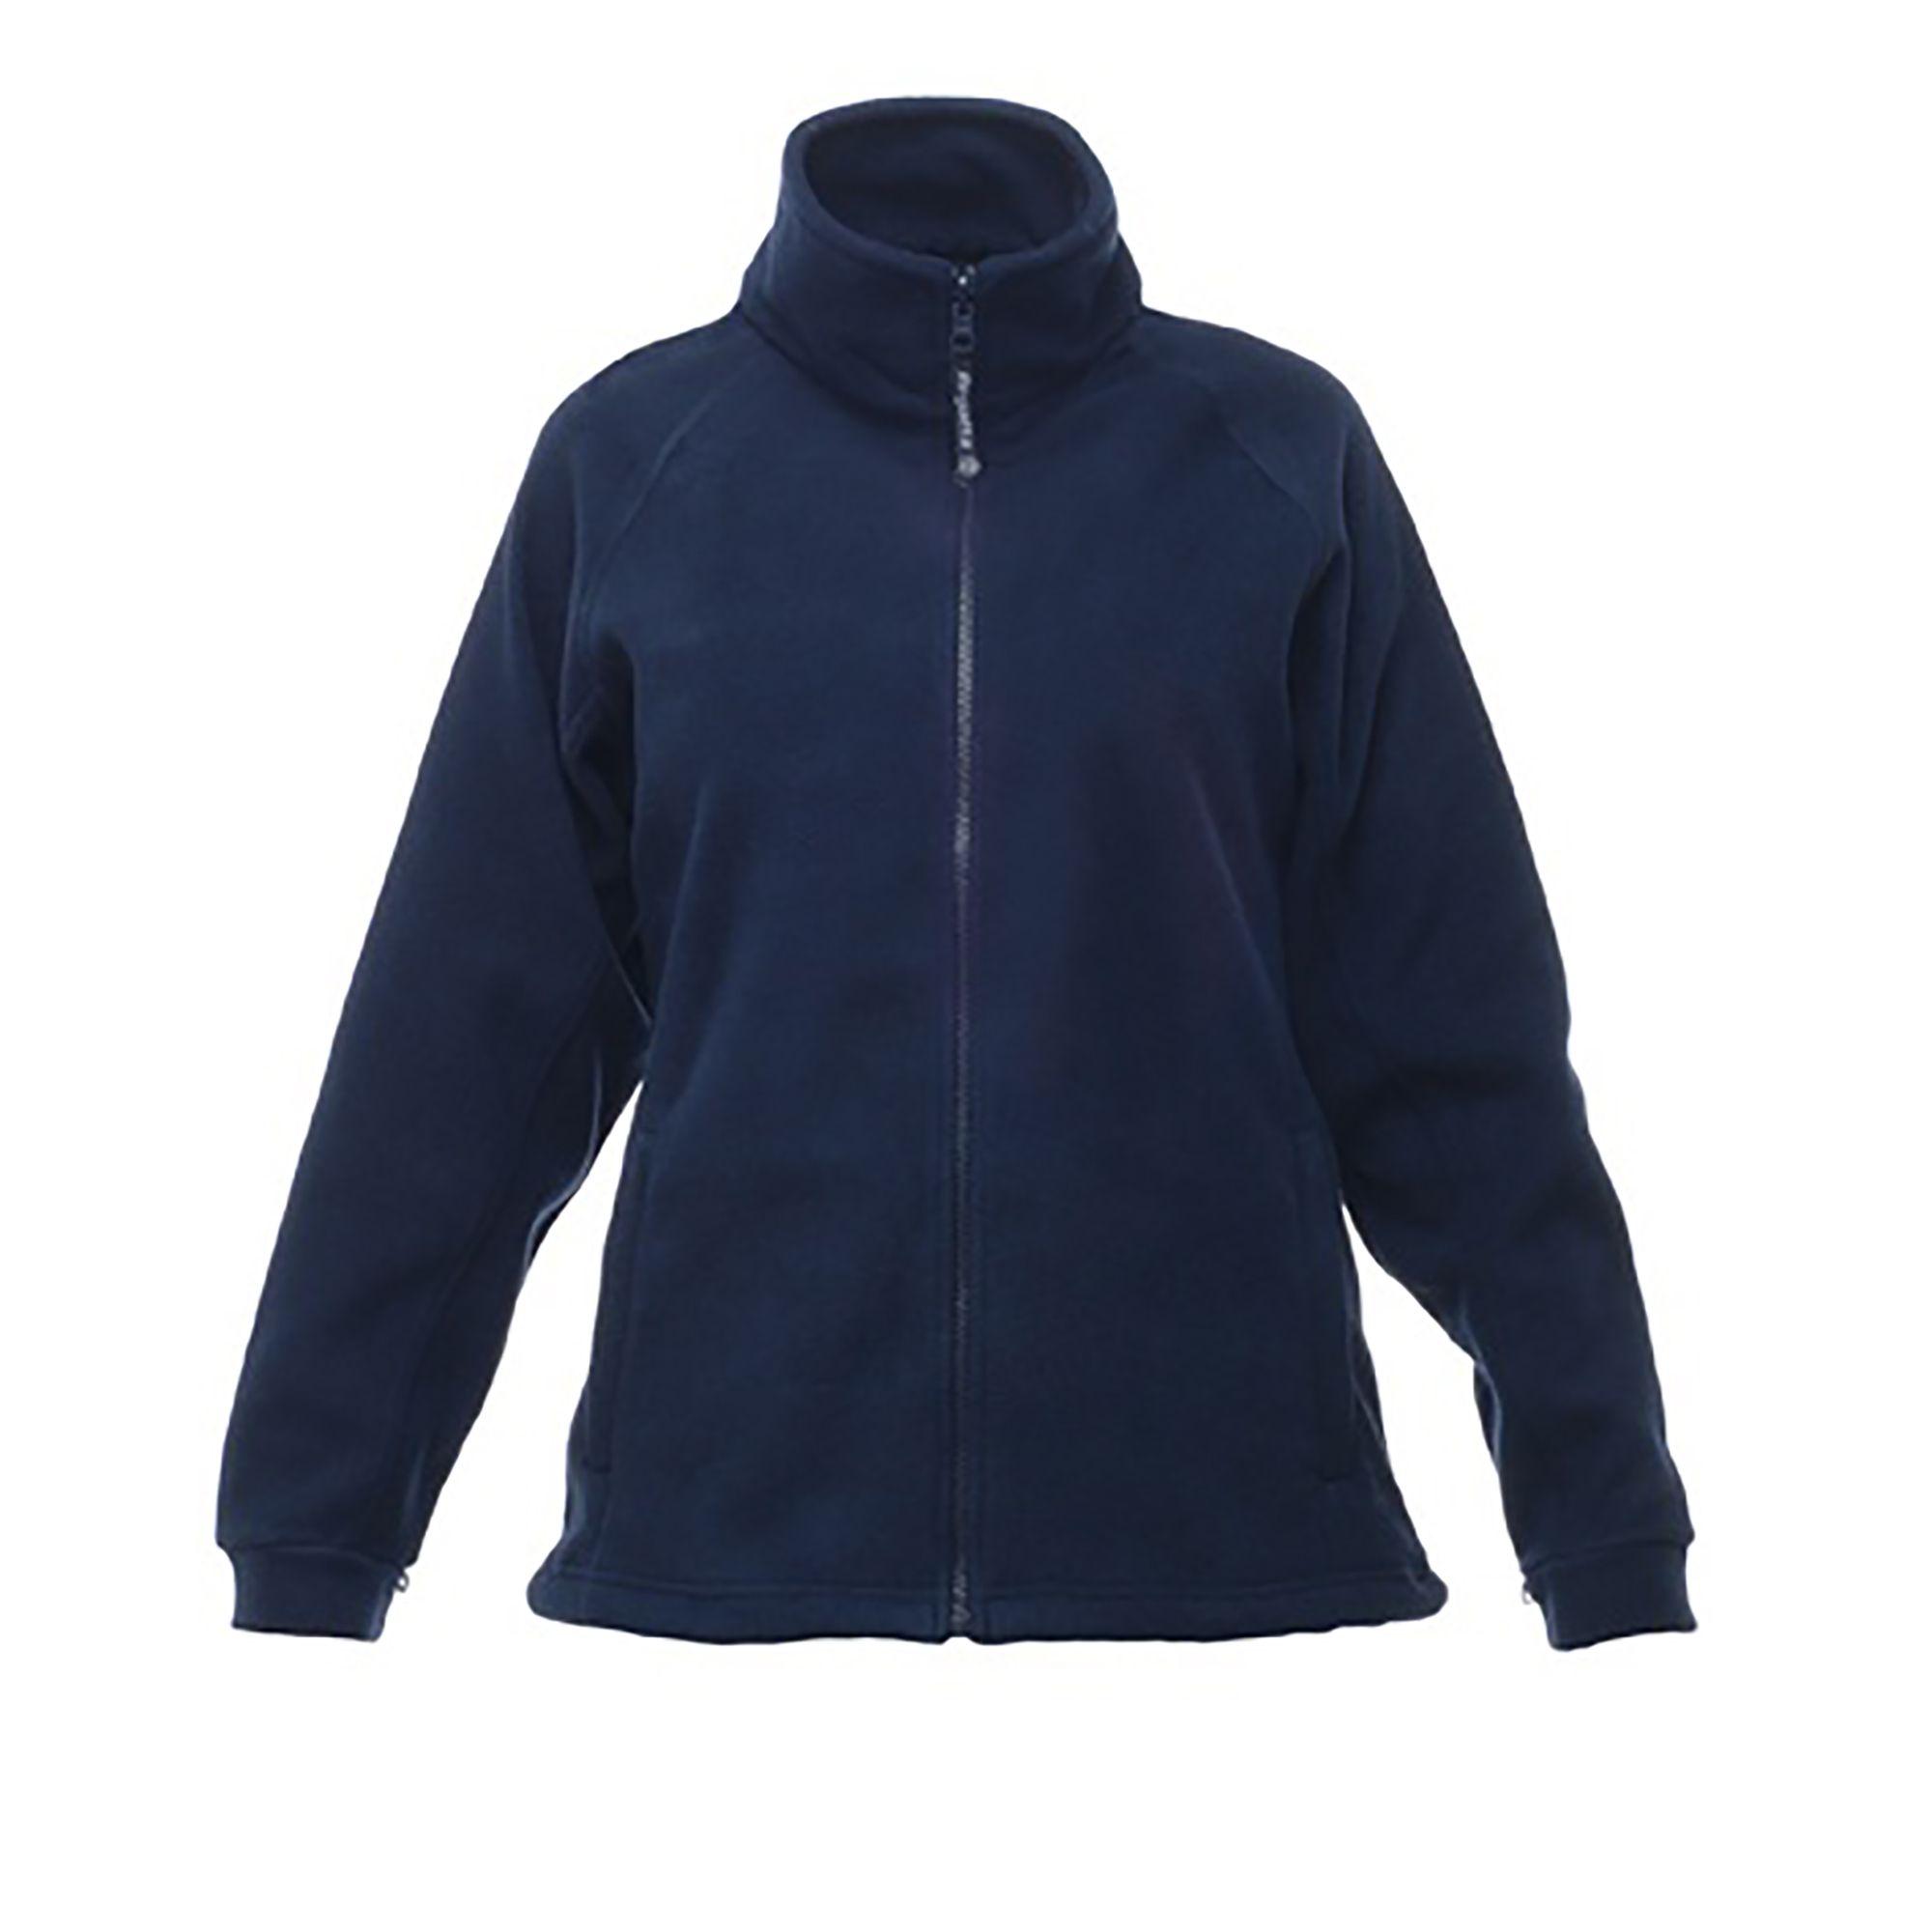 Regatta Great Outdoors Womens/Ladies Thor 300 Zip Up Fleece Jacket